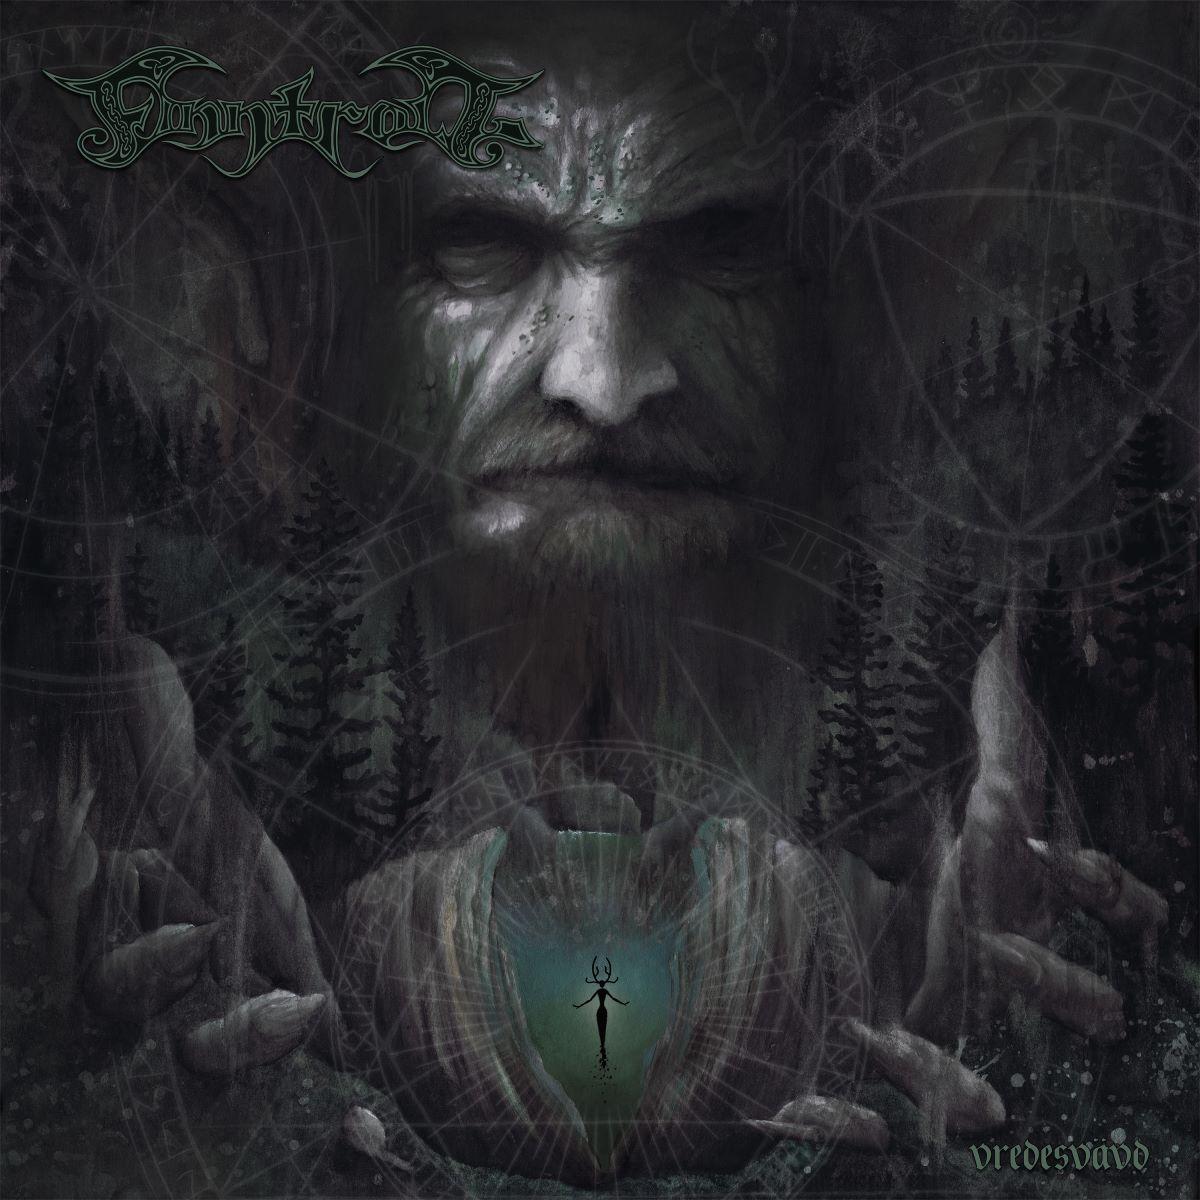 Finntroll - Vredesvavd - album cover